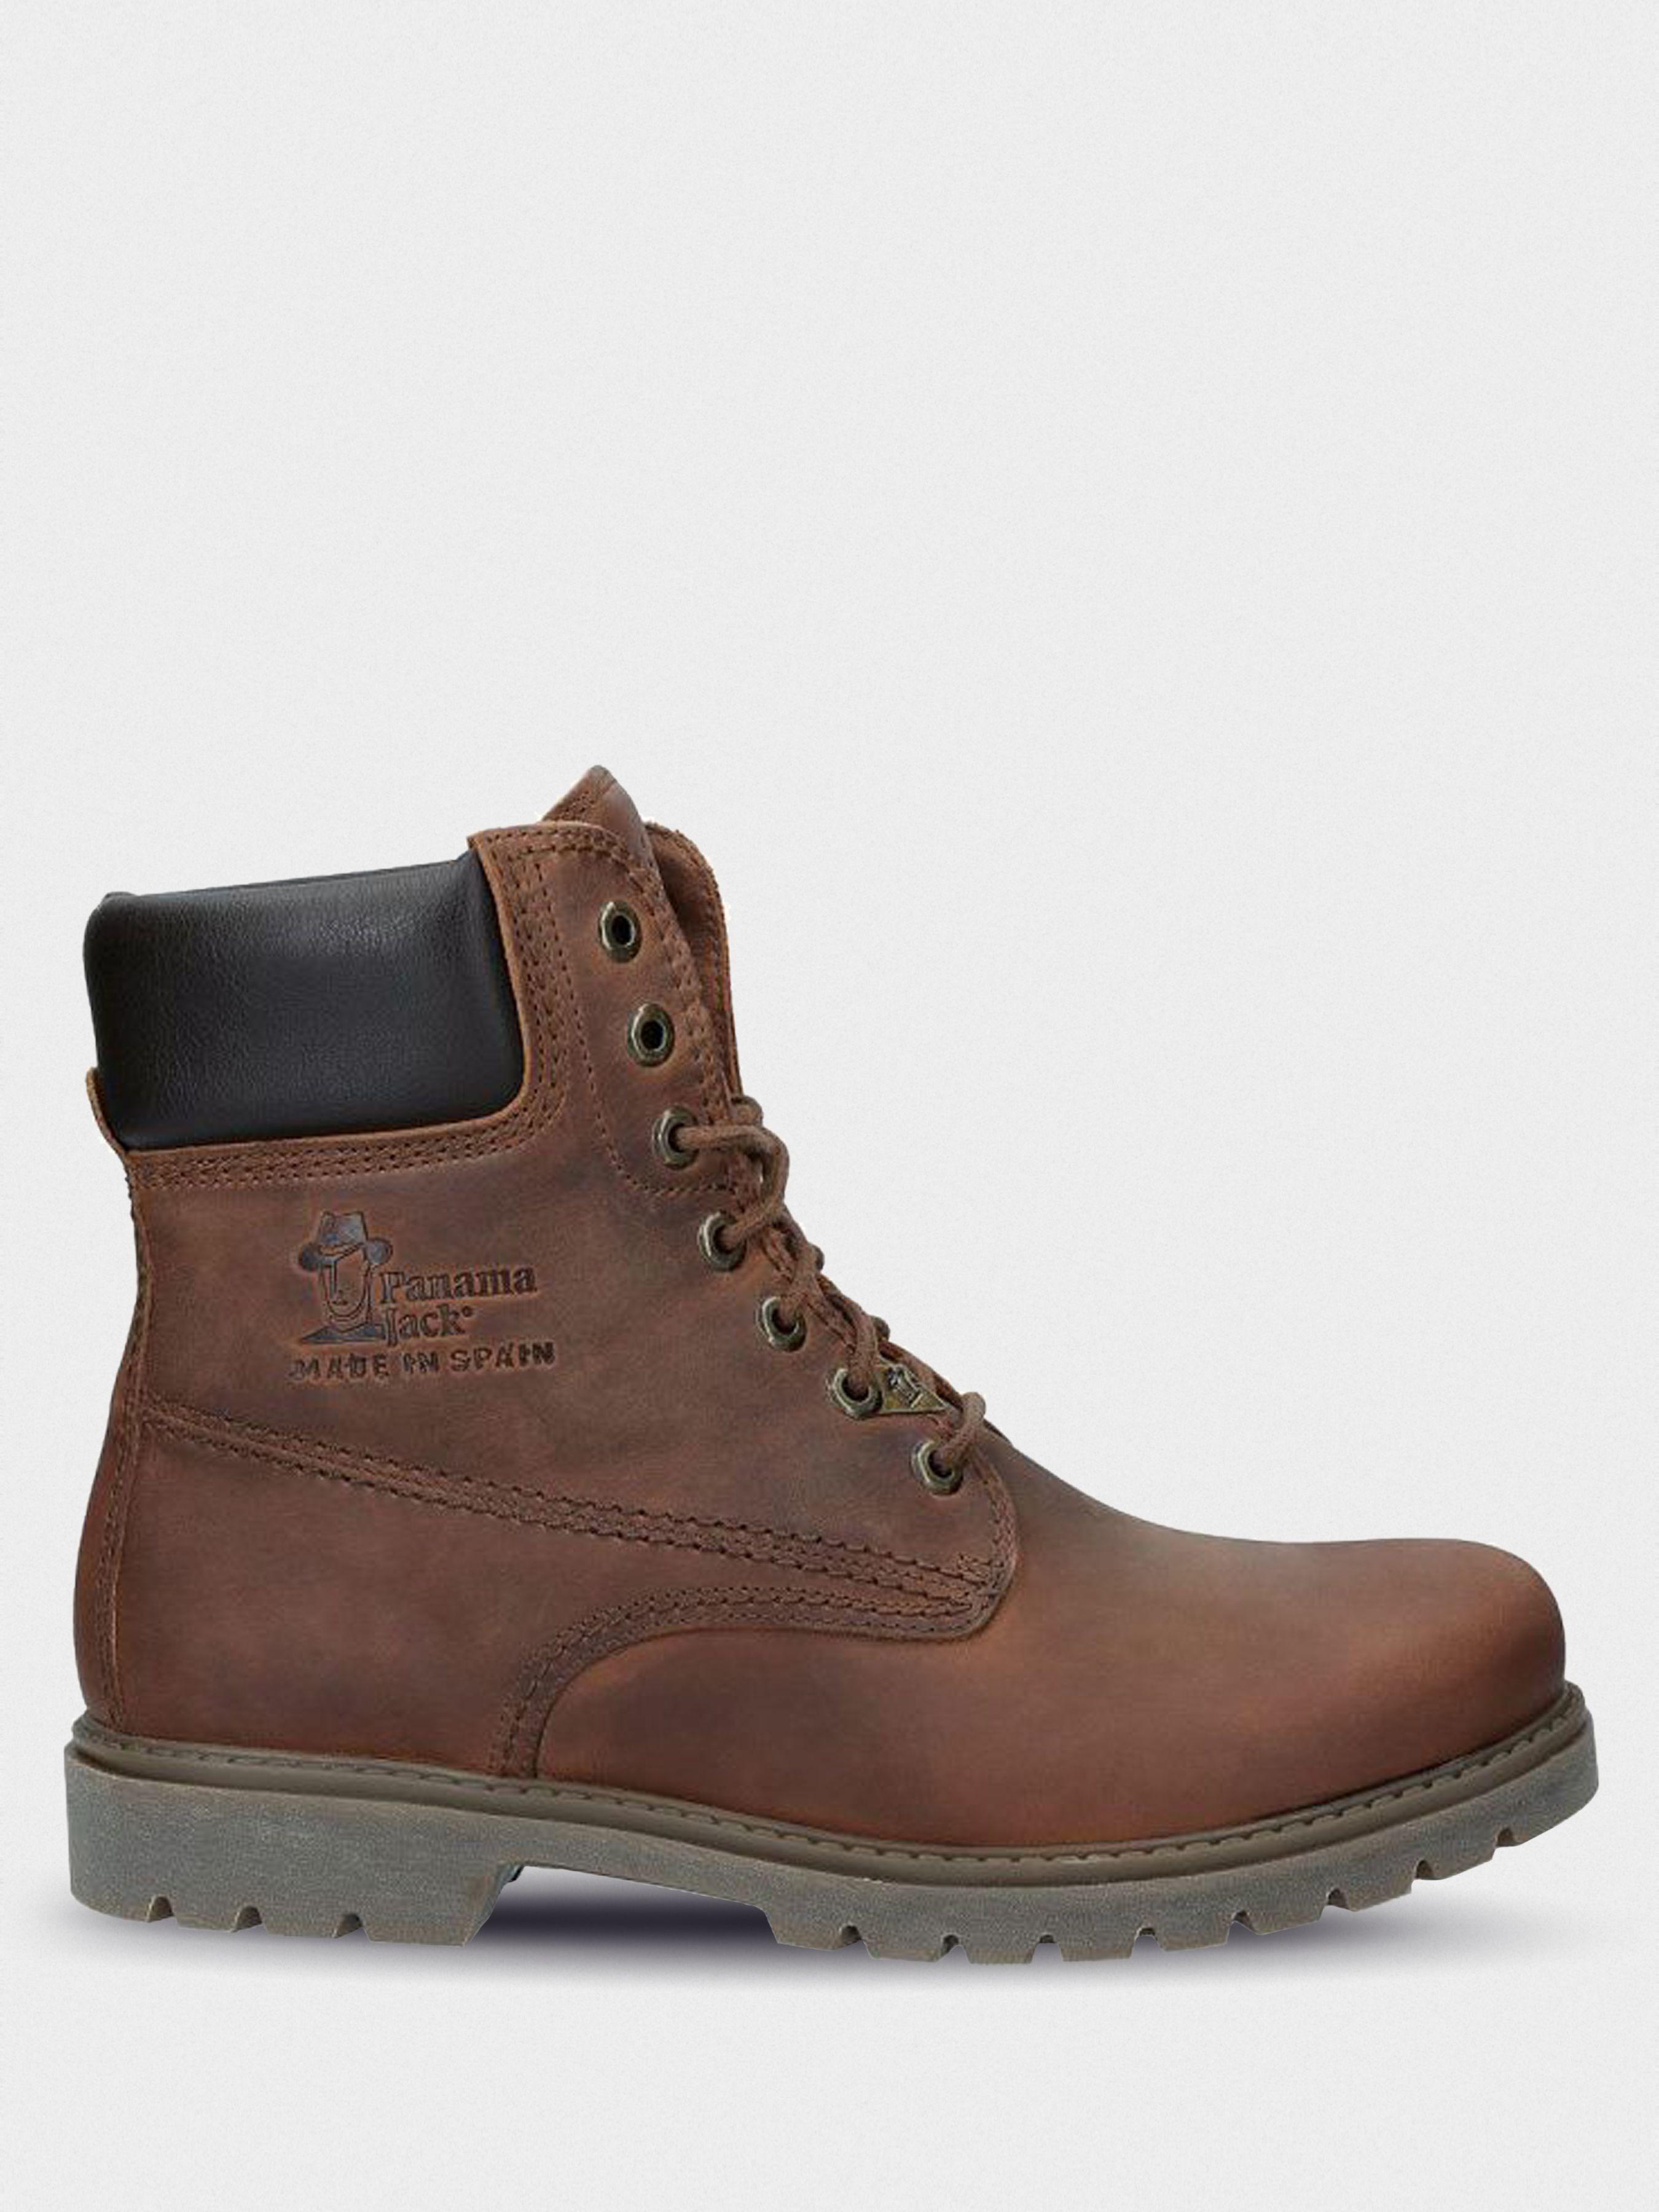 Купить Ботинки мужские Panama Jack PX112, Коричневый